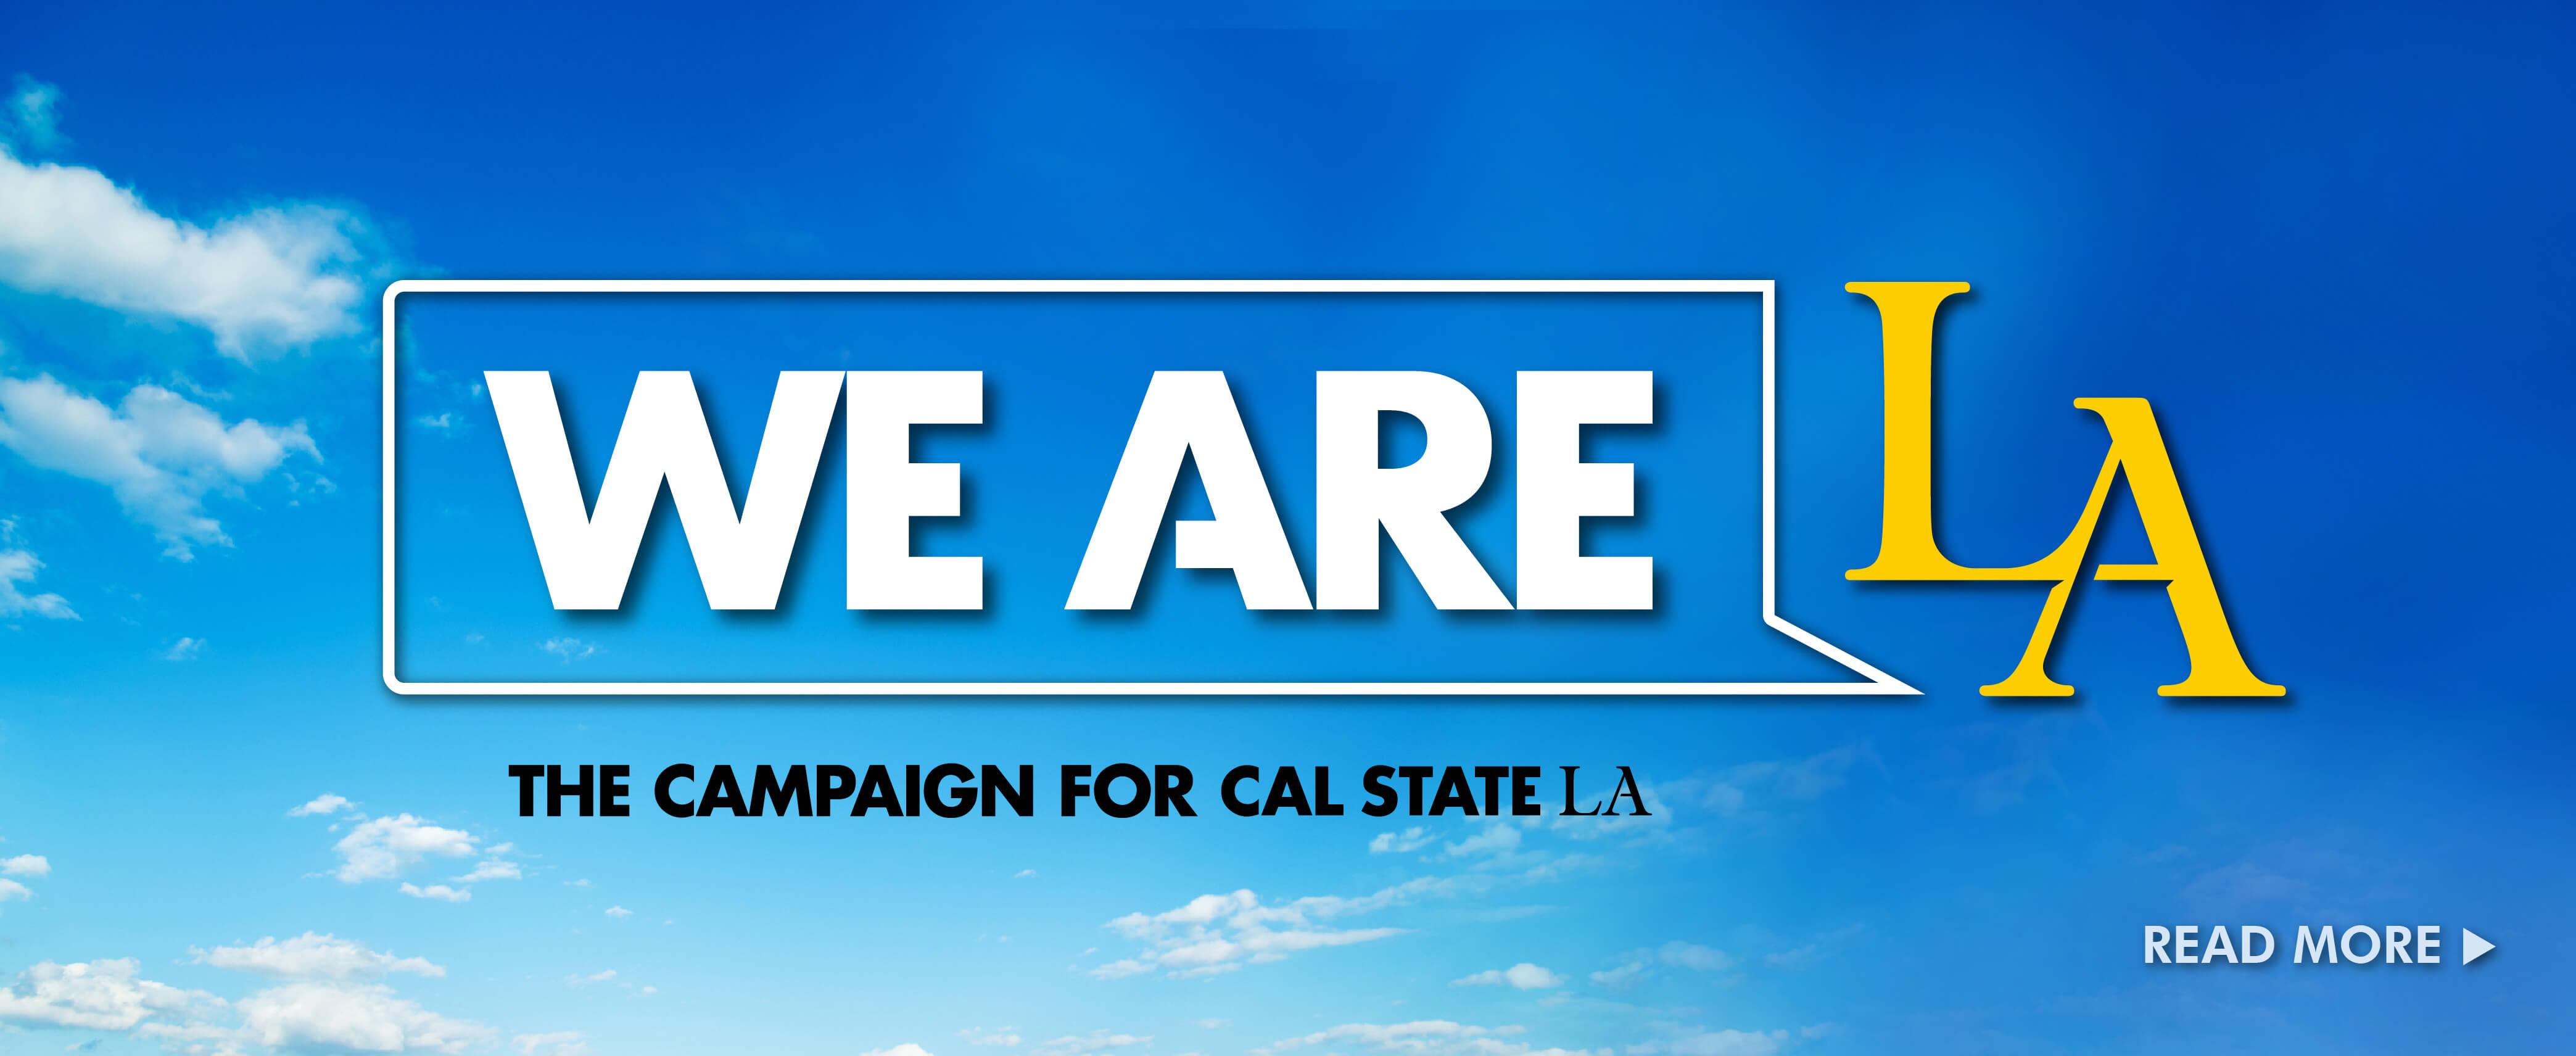 we_are_la_slider-campaign_final_v1-01.jpg